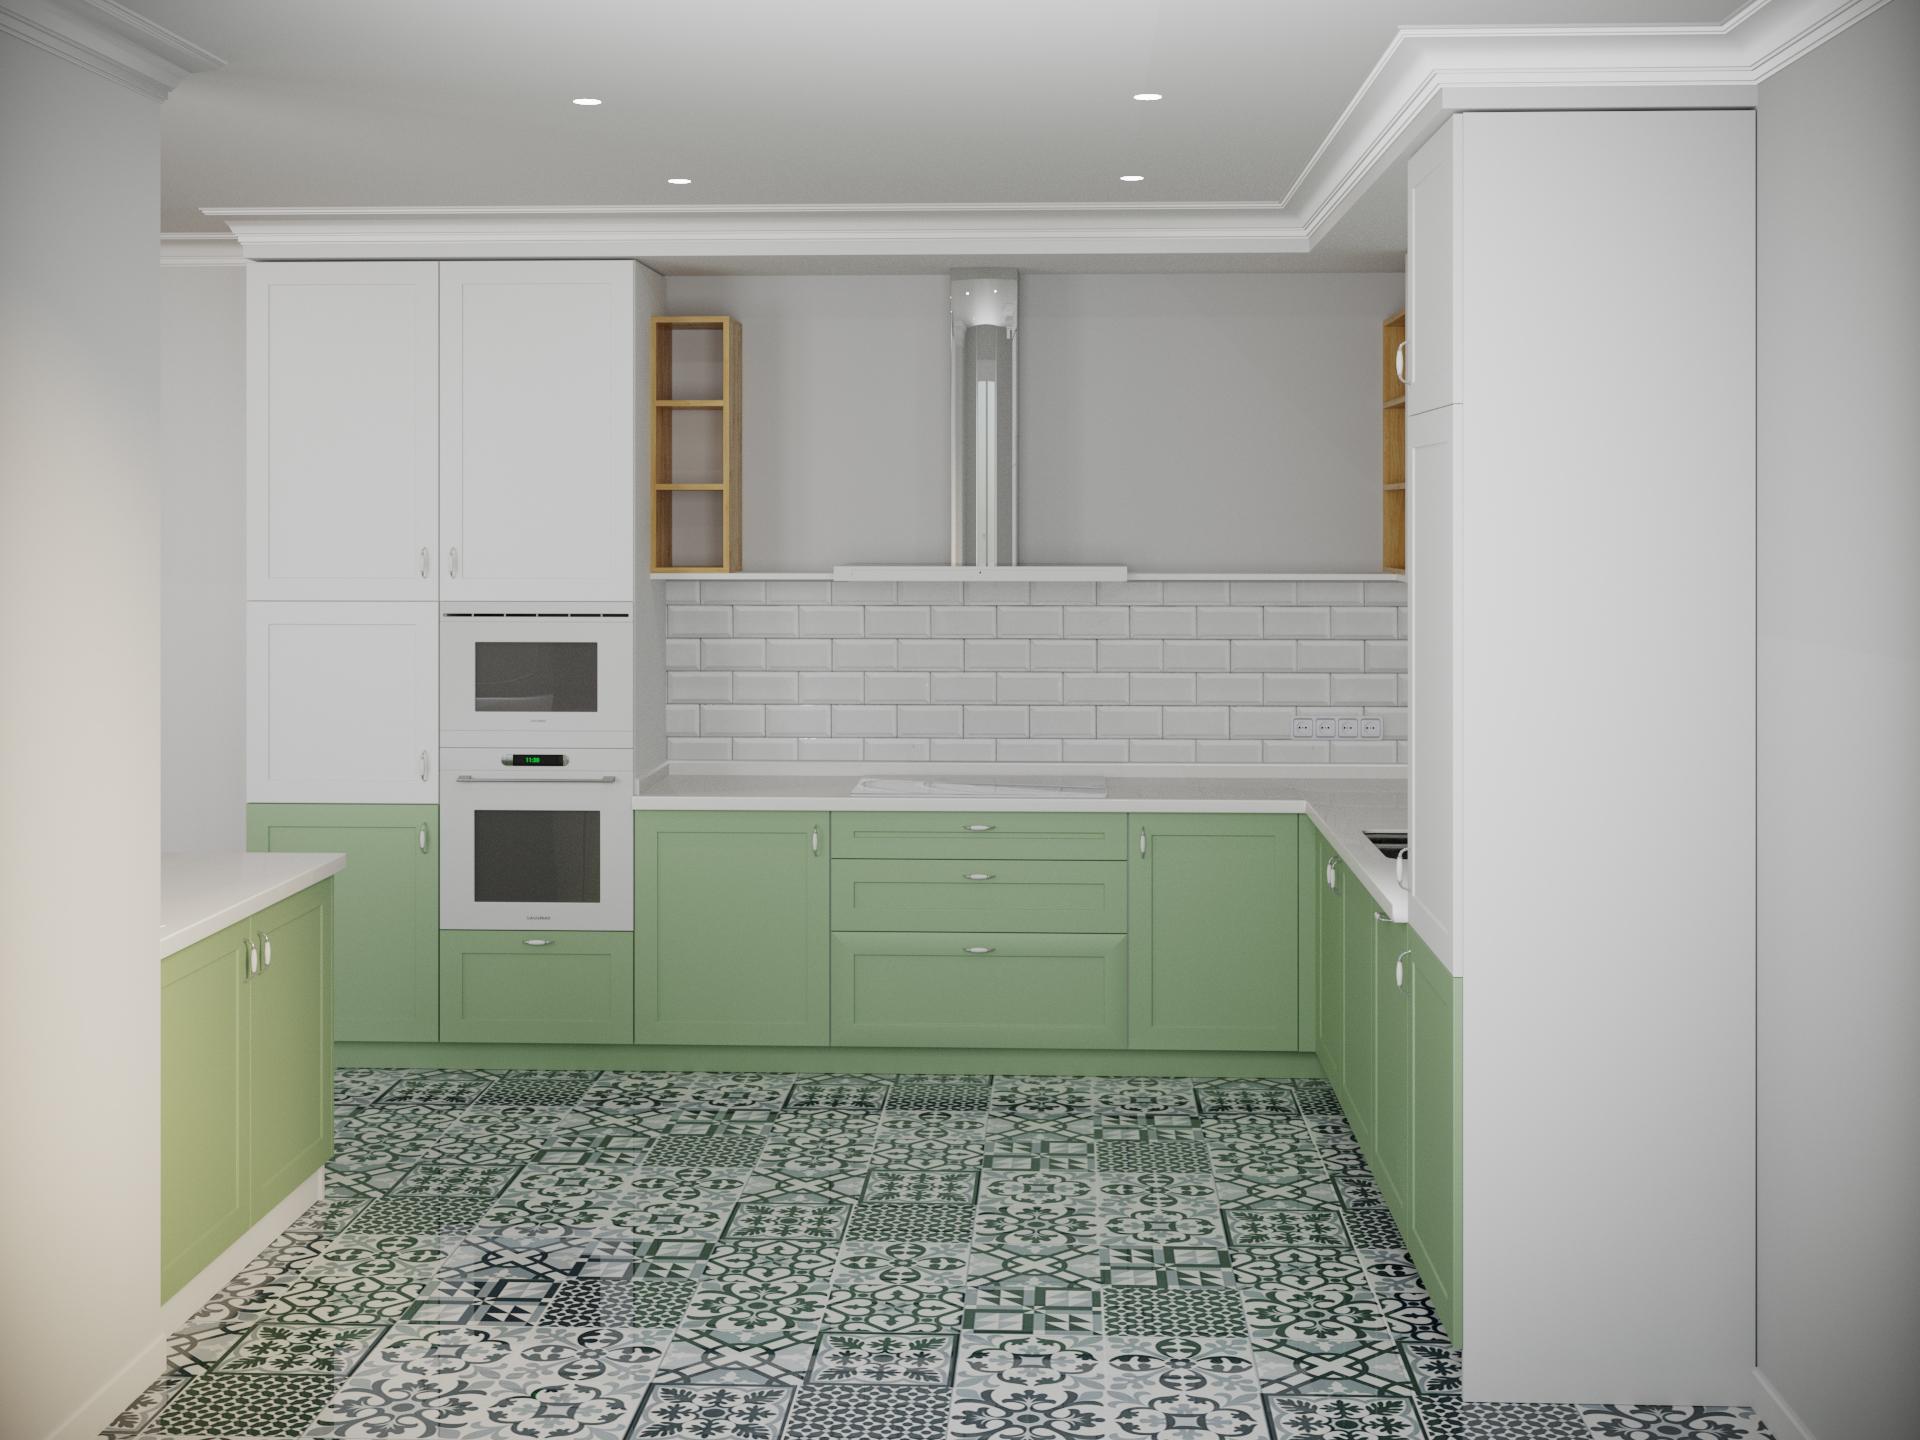 रसोई 3d max corona render में प्रस्तुत छवि